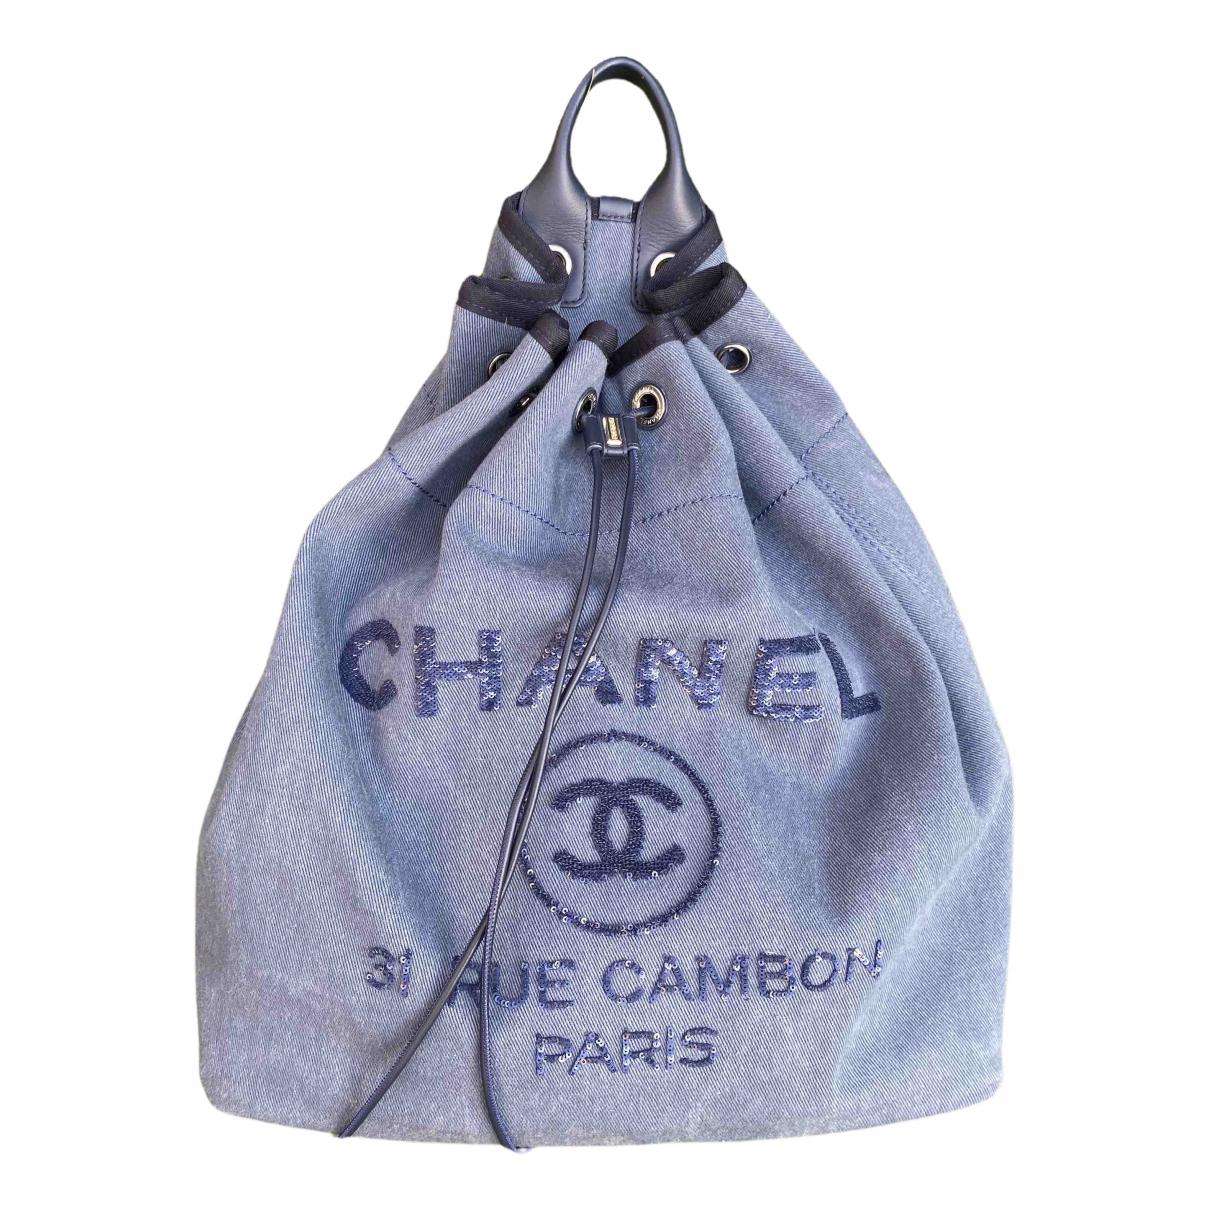 Chanel Deauville Rucksaecke in  Blau Denim - Jeans